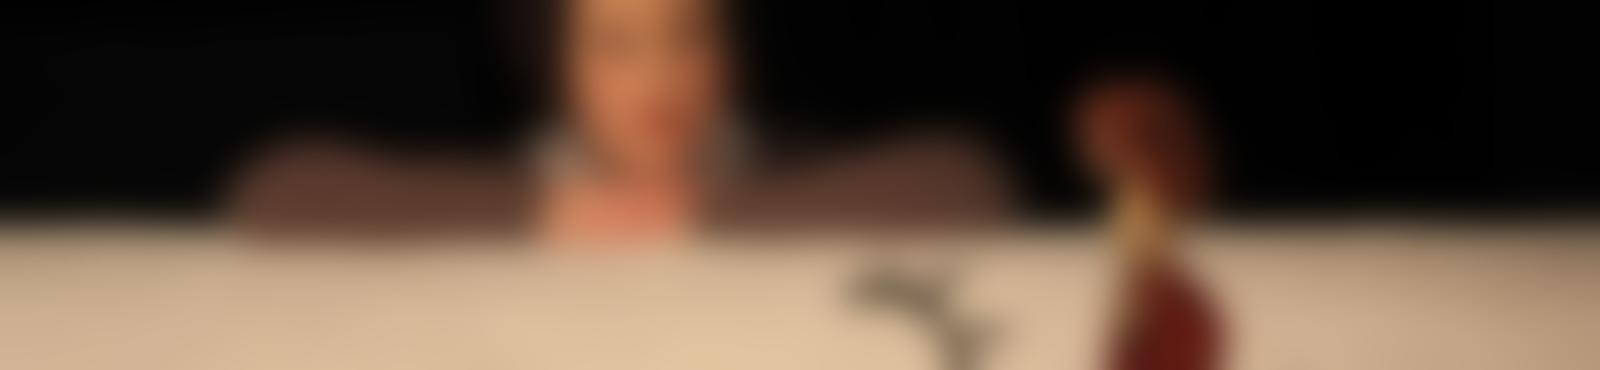 Blurred 0ba2a9da 8de4 4187 a674 dac19b027dce